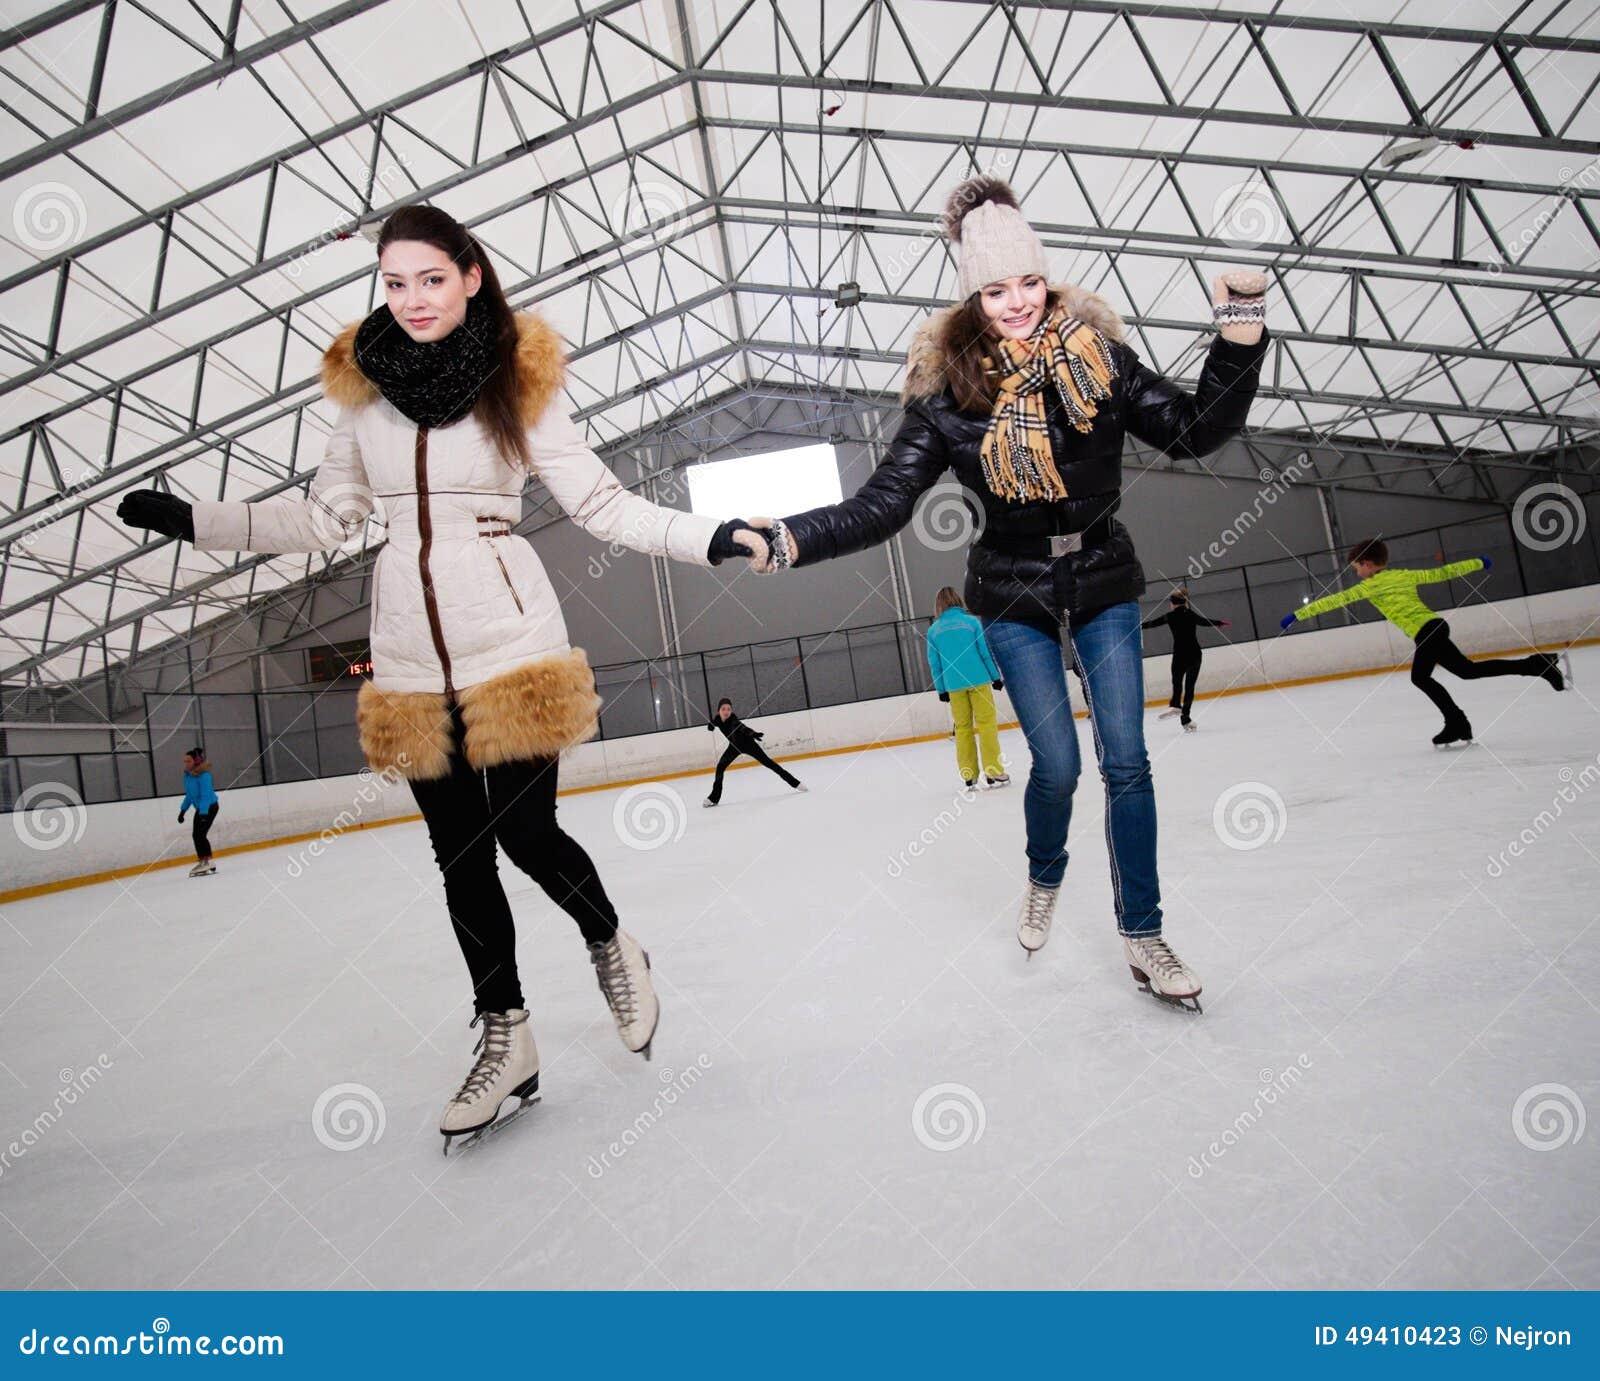 Download Mädchen Auf Dem Schlittschuh Laufen Der Eisbahn Stockbild - Bild von freundin, jacke: 49410423